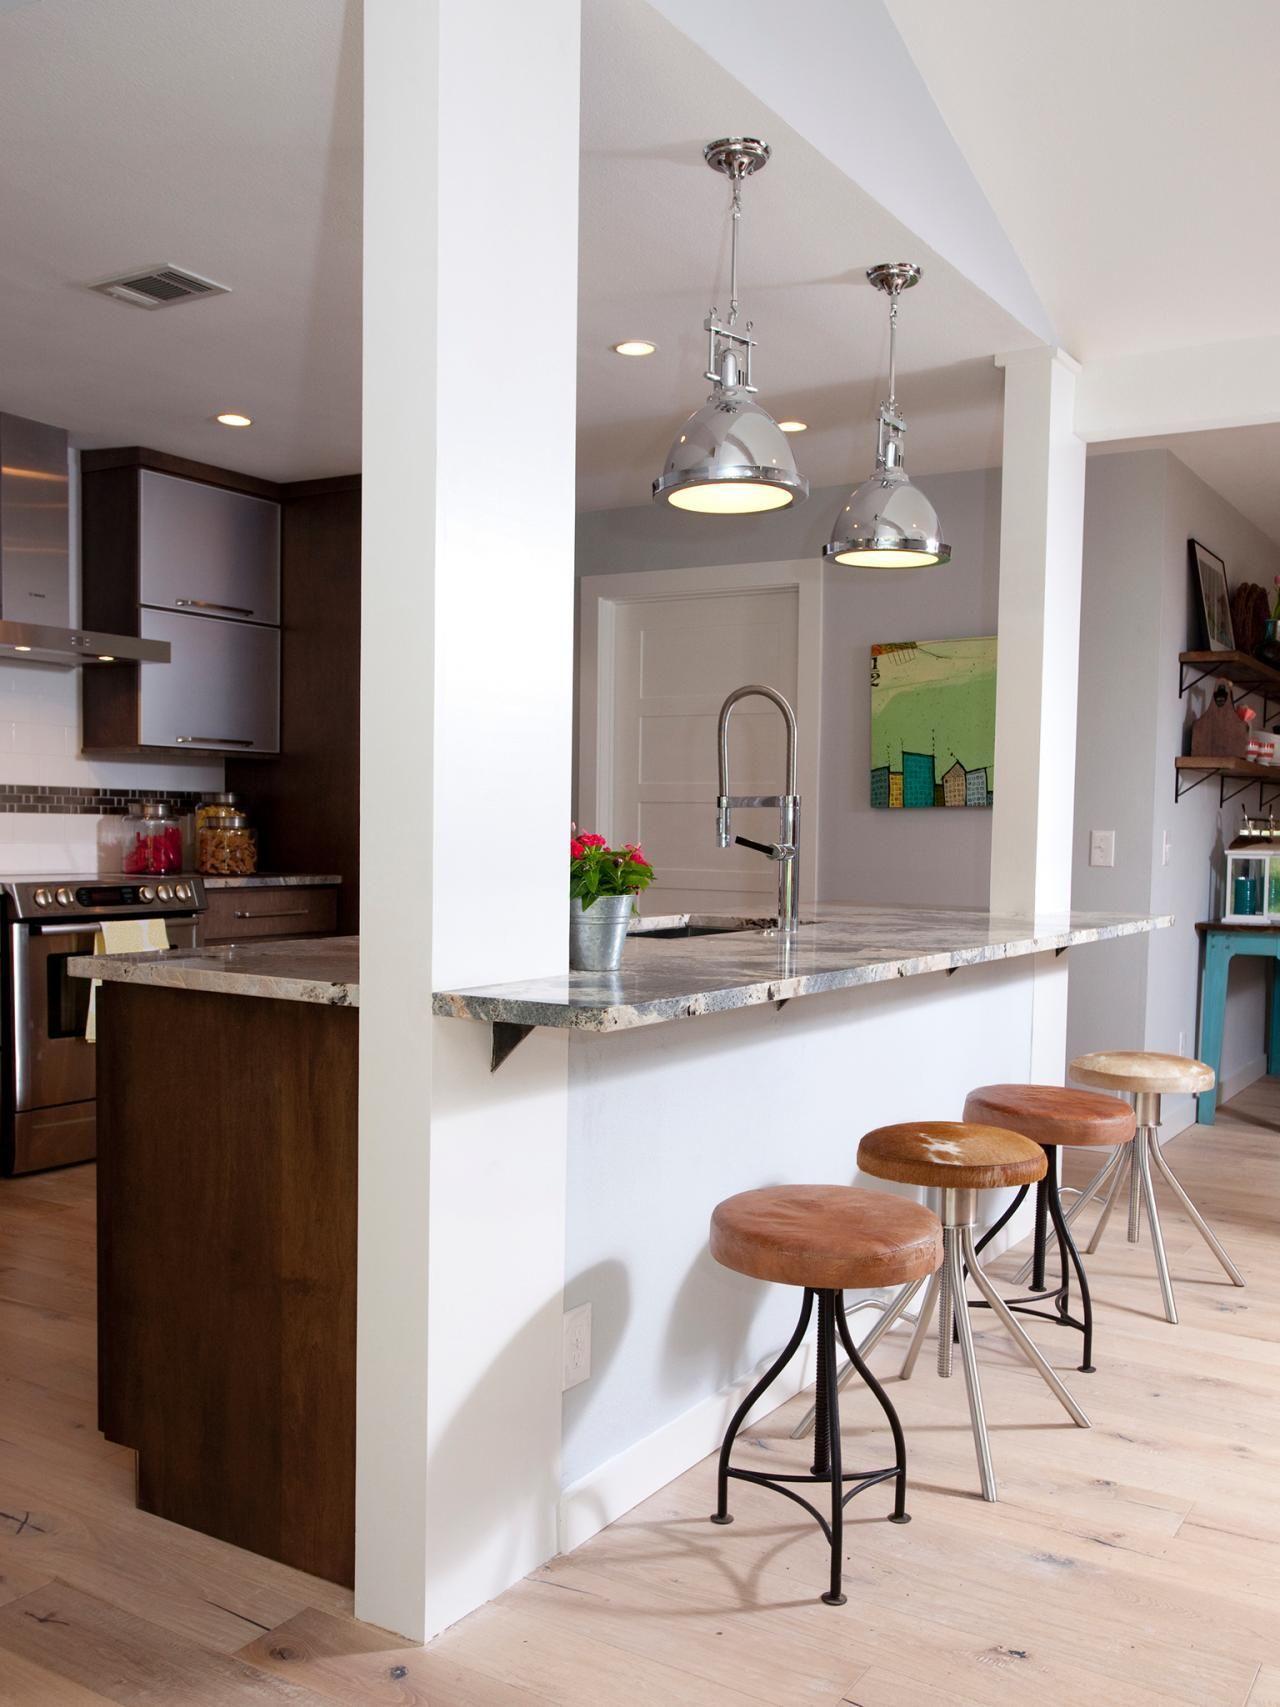 Explore Kitchen Island Ideas On Pinterest See More Ideas About Kitchen Island Ideas Kitchen Bar Design Small Kitchen Layouts Small Kitchen Design Layout